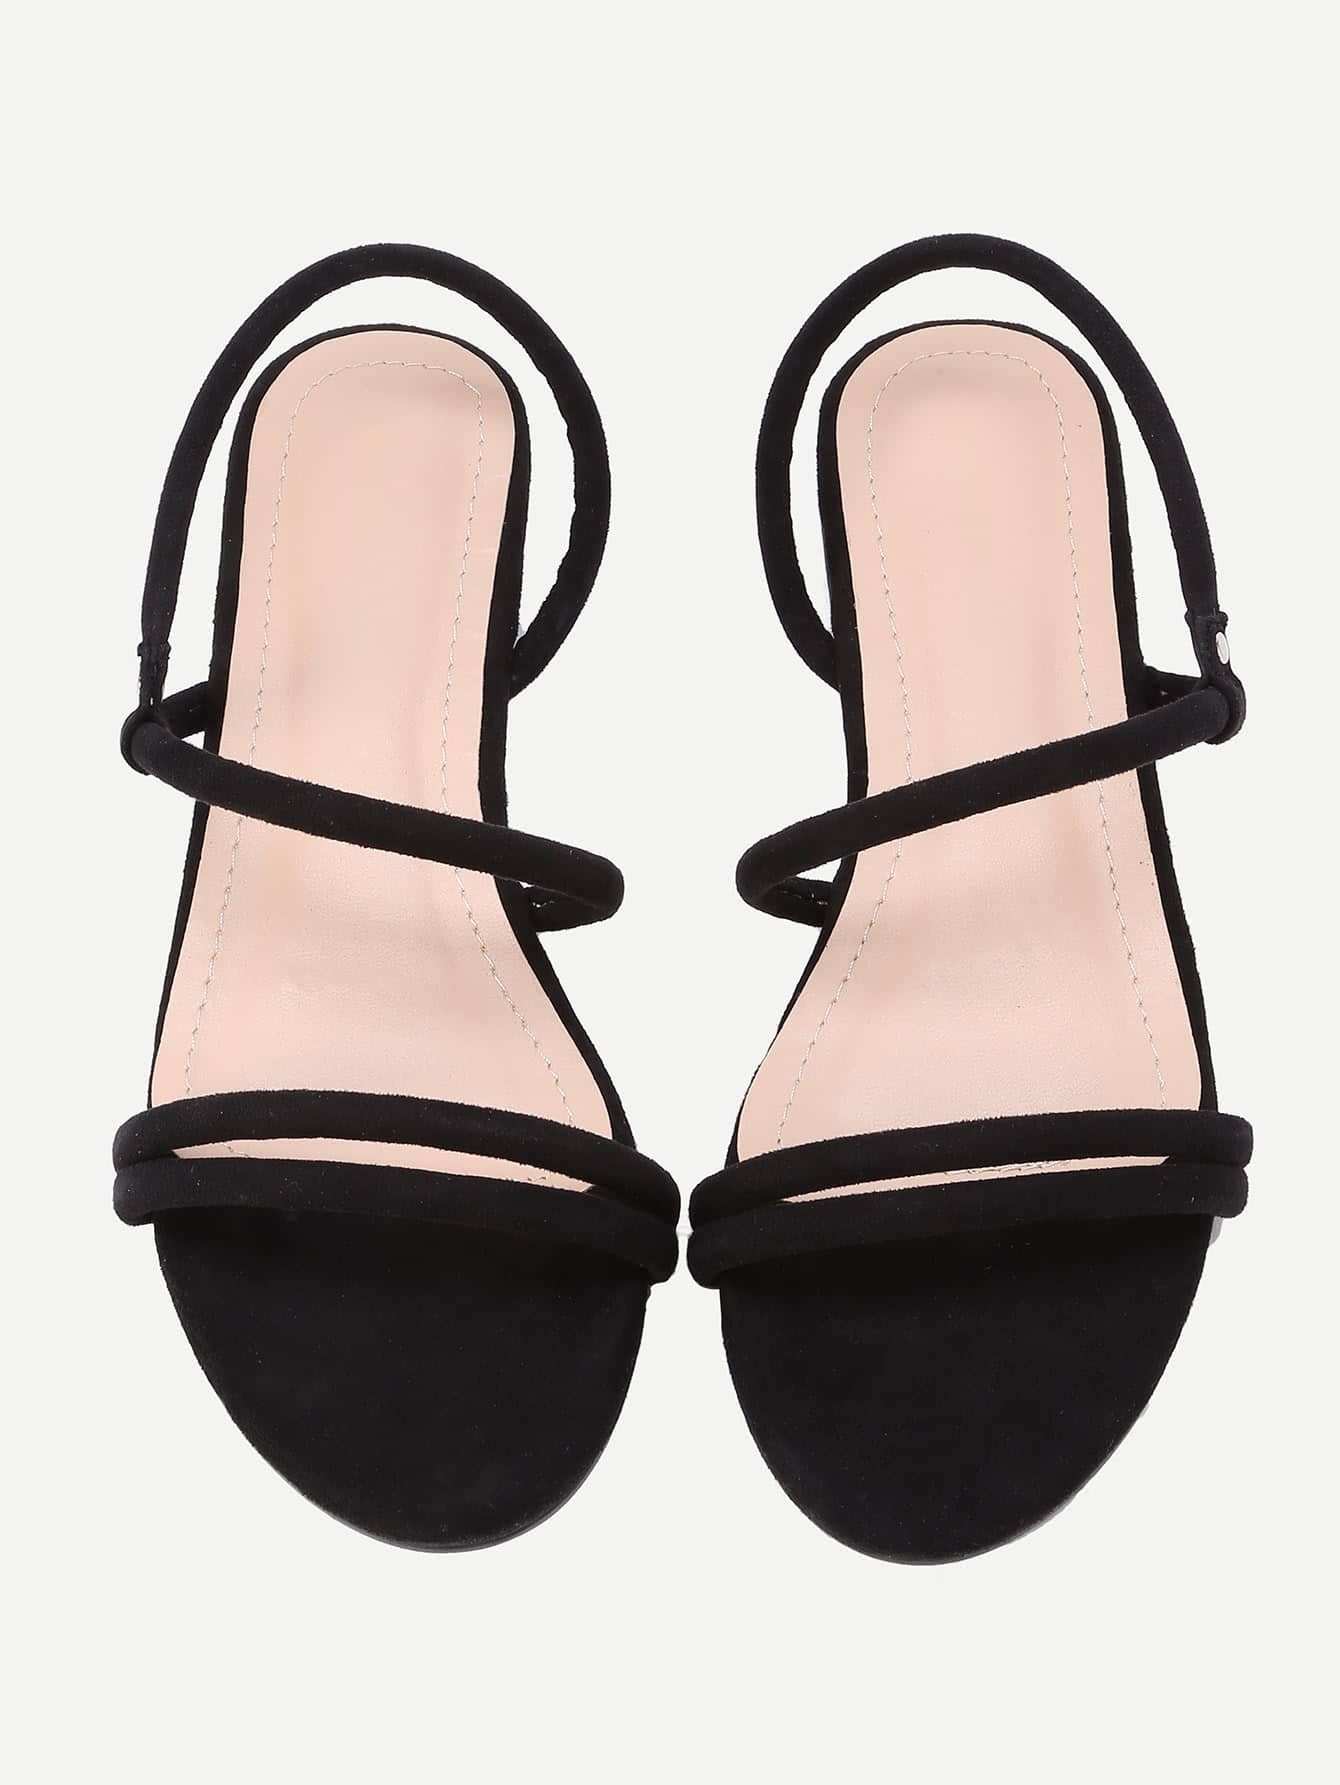 shoes170519801_2